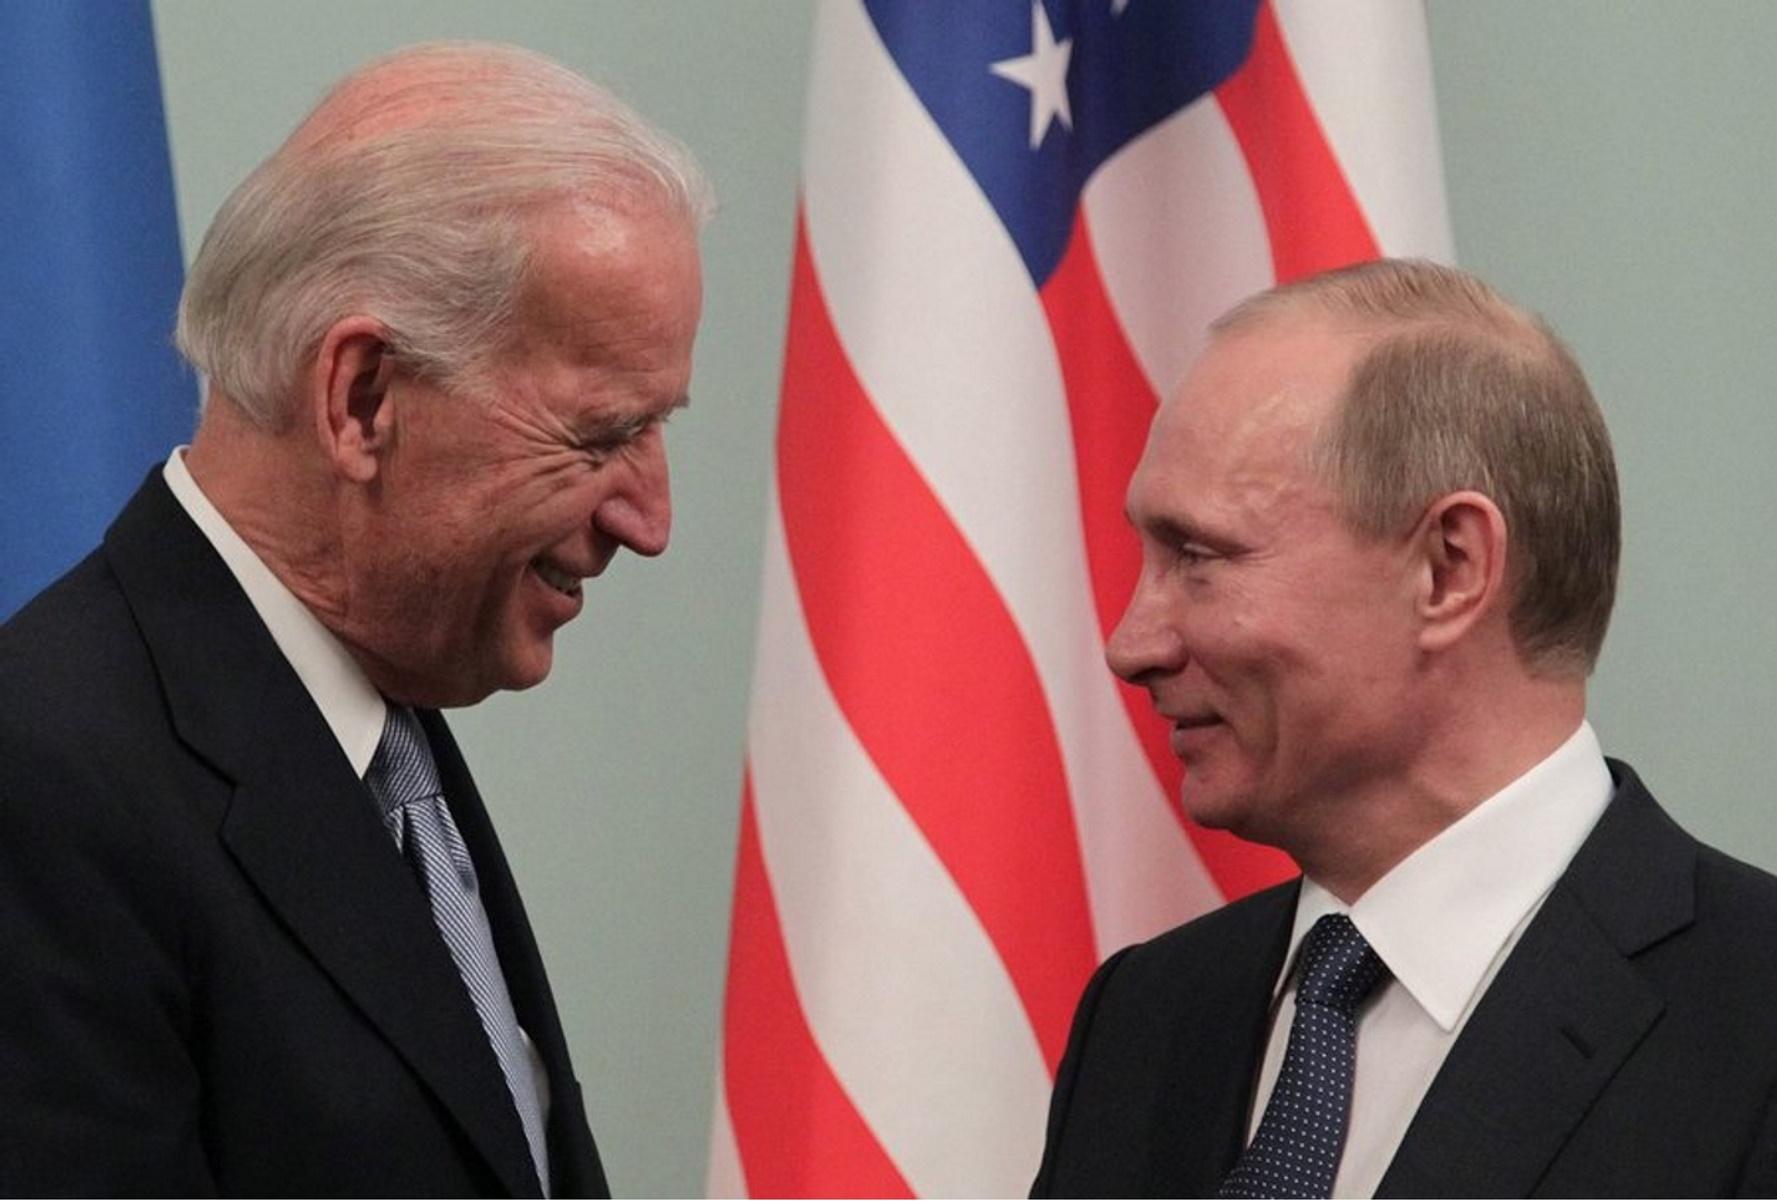 Μέρκελ και Μπάιντεν στέλνουν μήνυμα στον Πούτιν: «Μαζέψου» από την Ουκρανία